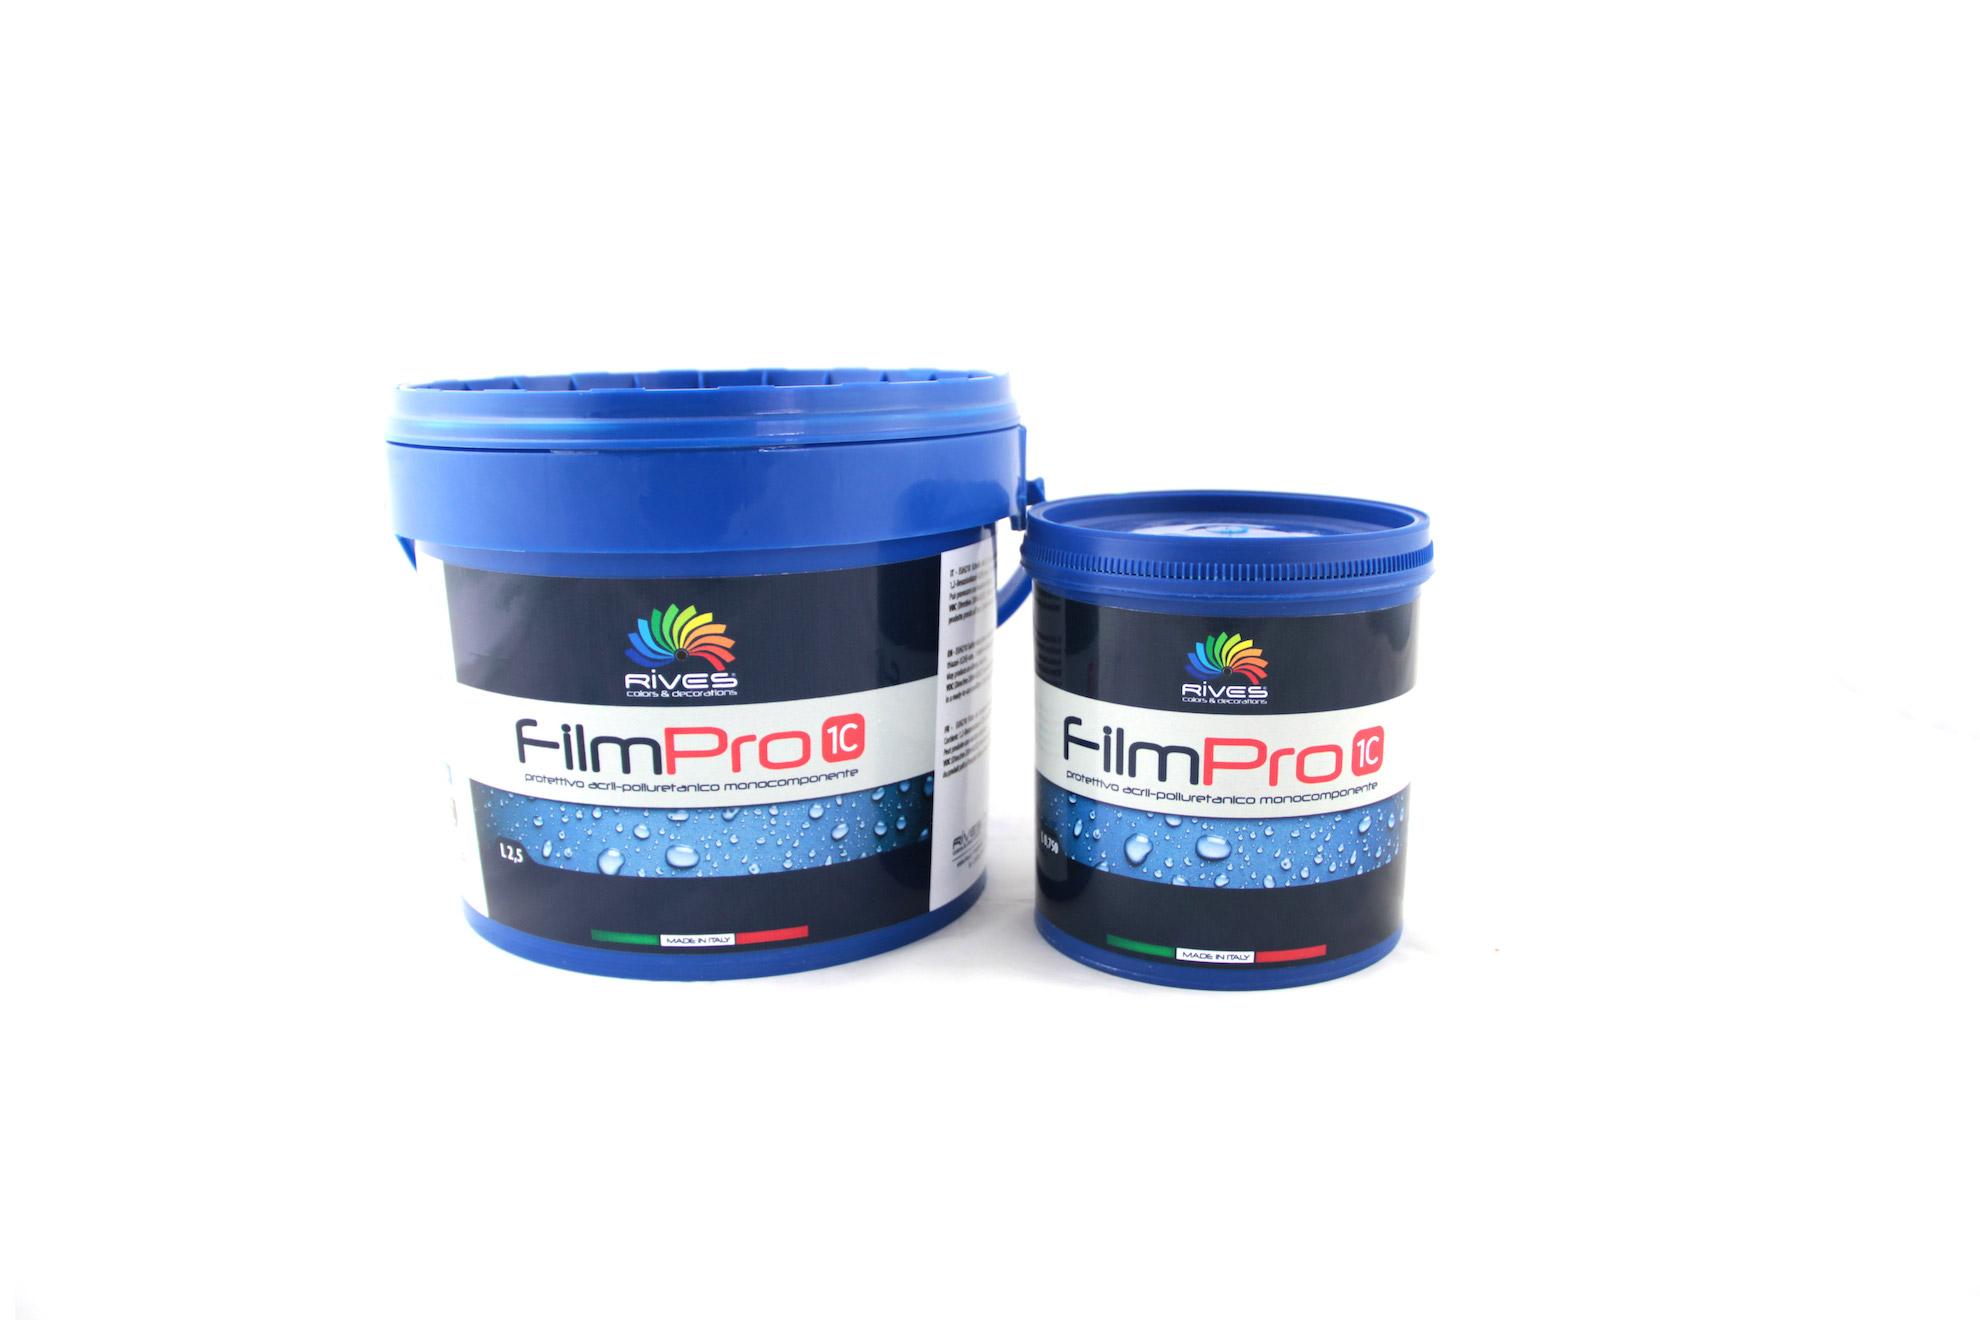 FimPro 1C packaging